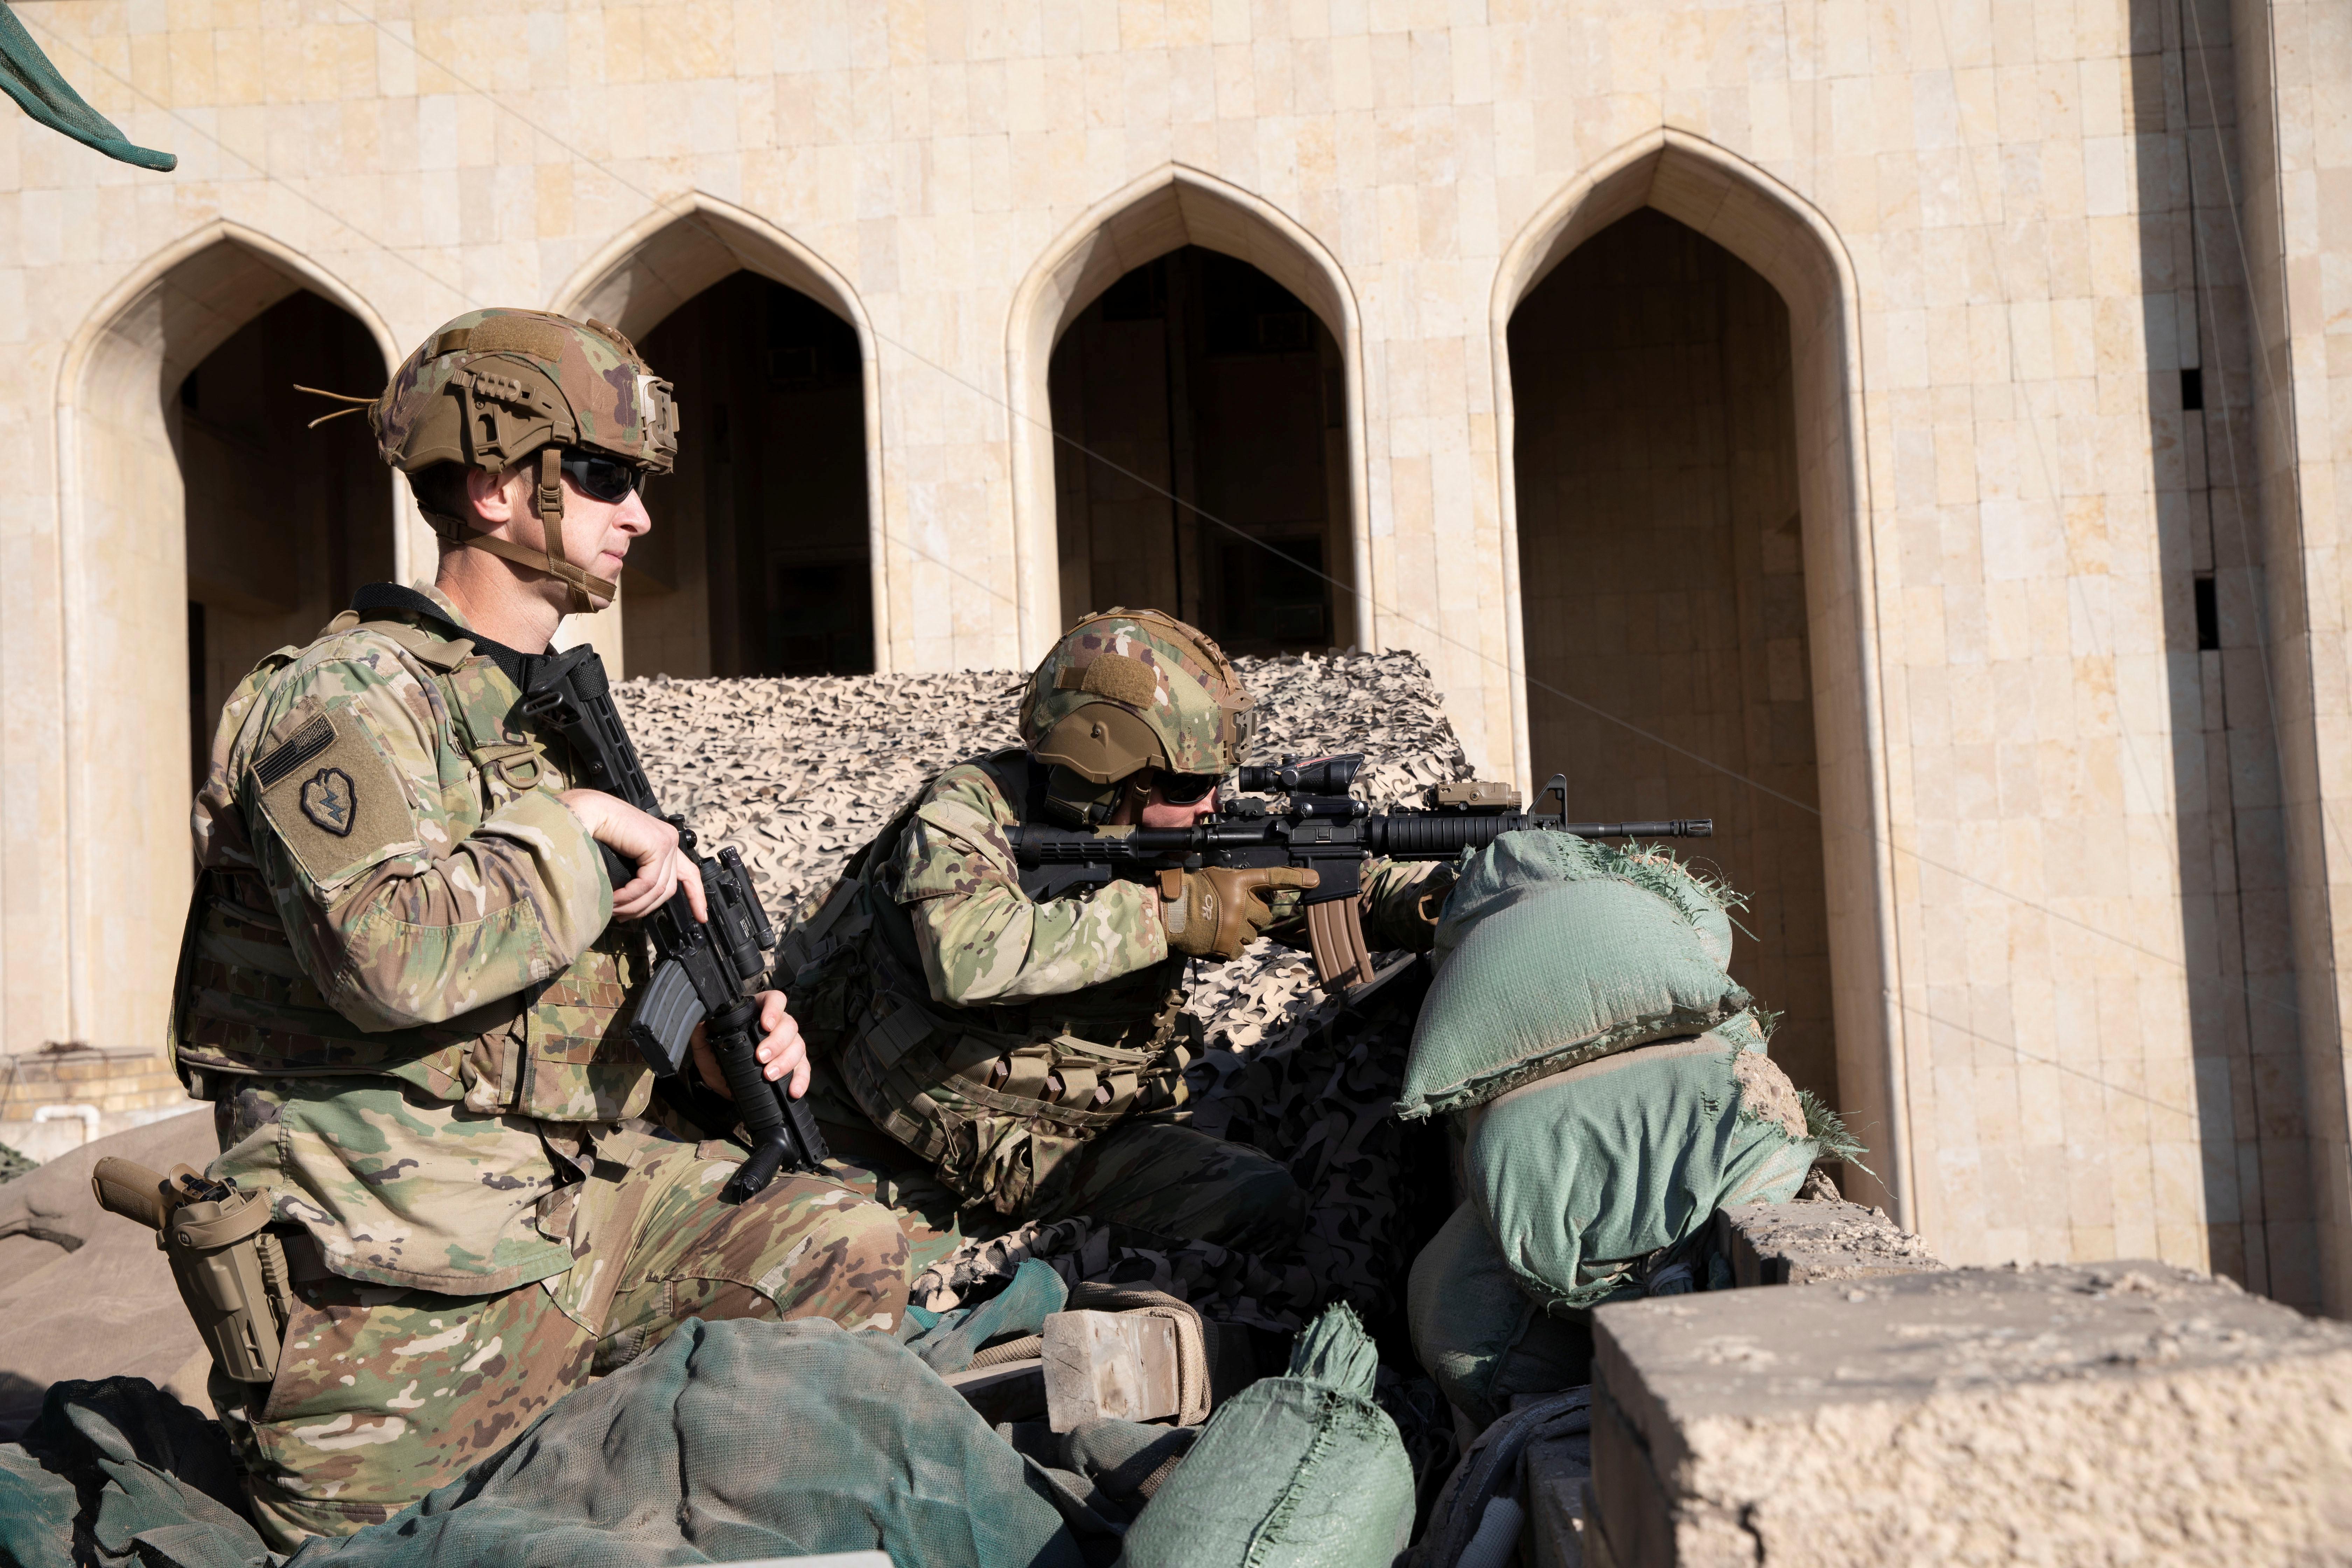 Οι ΗΠΑ στέλνουν 3.000 στρατιώτες στην Μέση Ανατολή - Σε «κόκκινο» συναγερμό στη Νέα Υόρκη για ενδεχόμενα αντίποινα